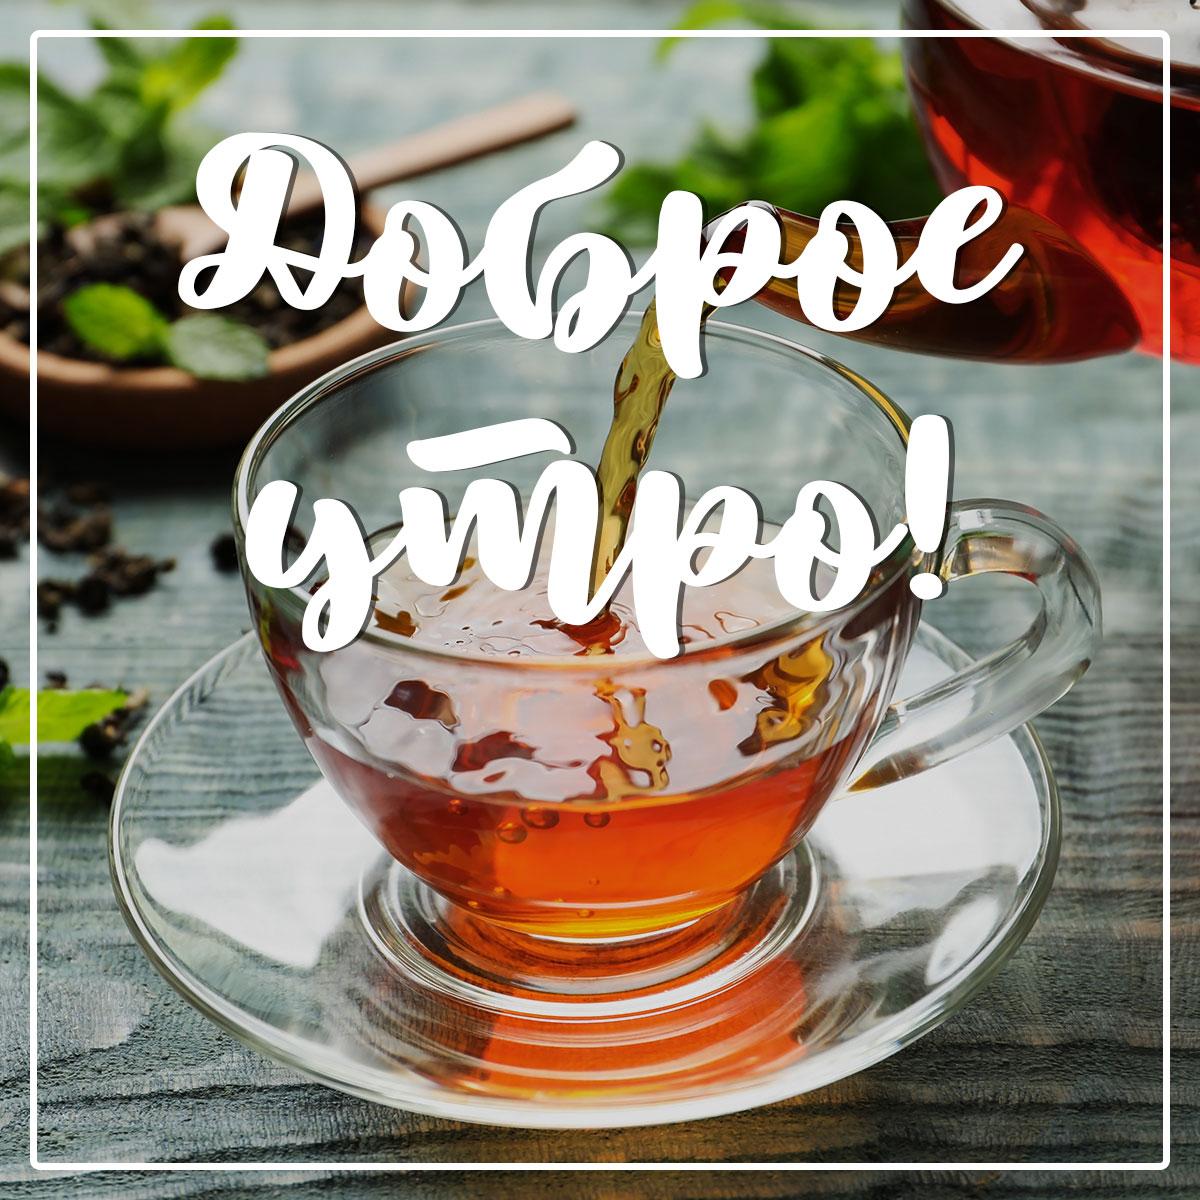 Фото с текстом доброе утро и чай янтарного цвета в прозрачной чашке на блюдечке.